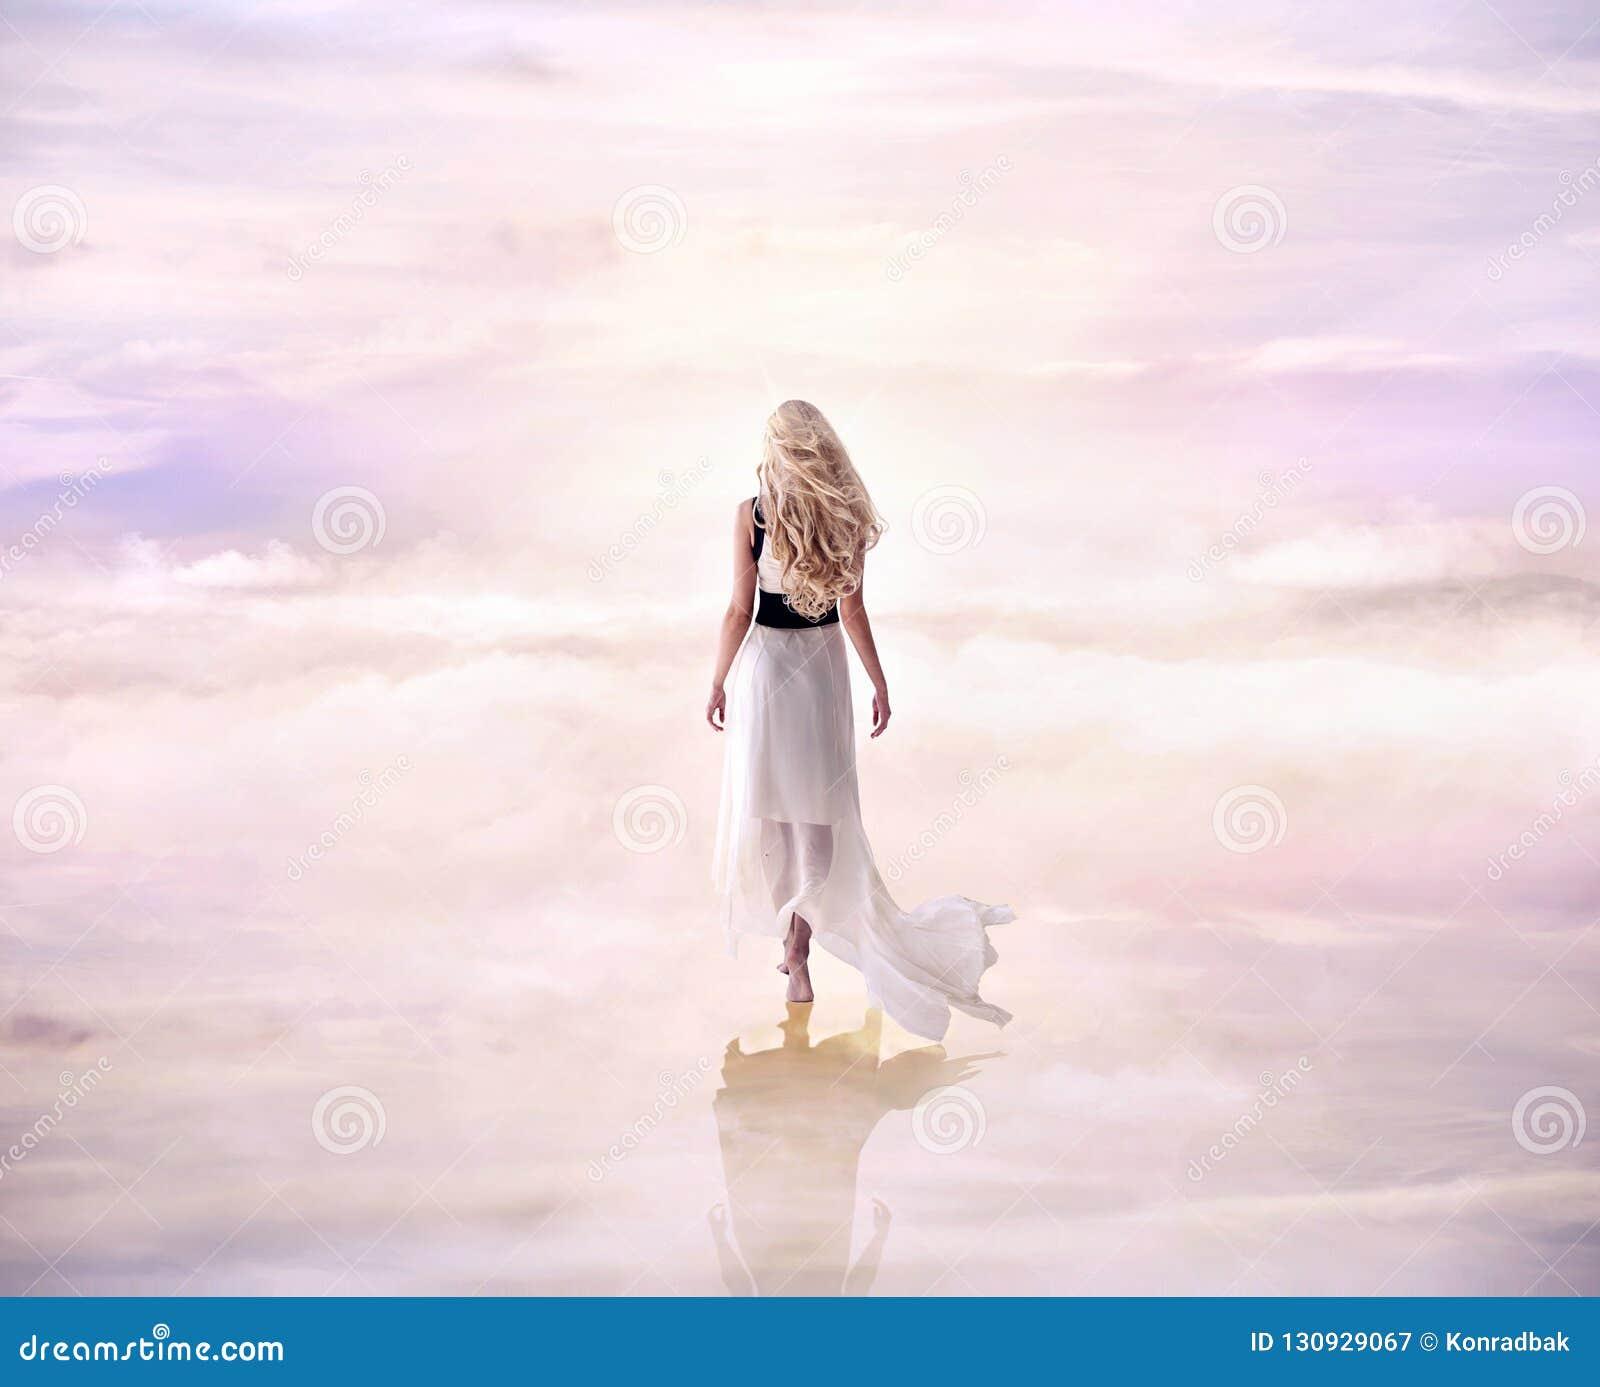 Begreppsmässig bild av en blond dam som går på det delikat, fluf